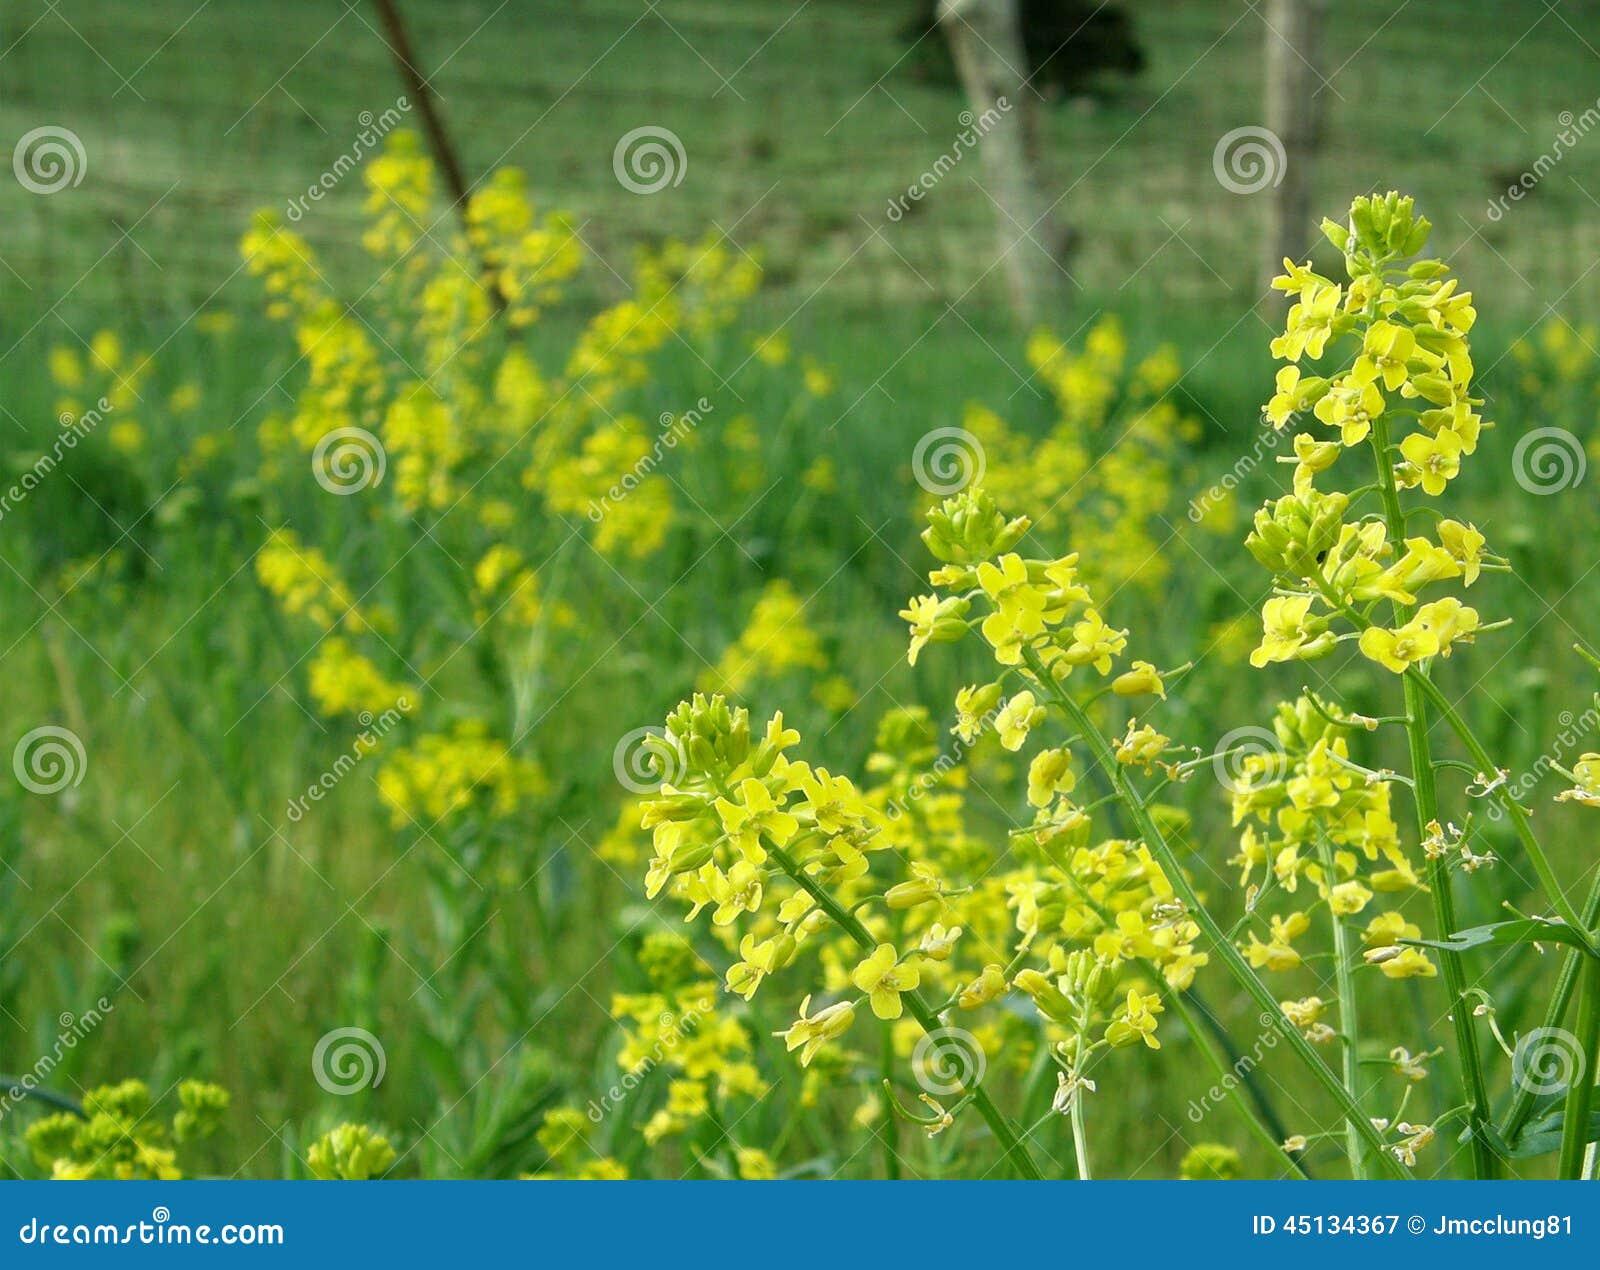 Fiori Gialli Della Pianta Della Senape Fotografia Stock - Immagine: 45134367